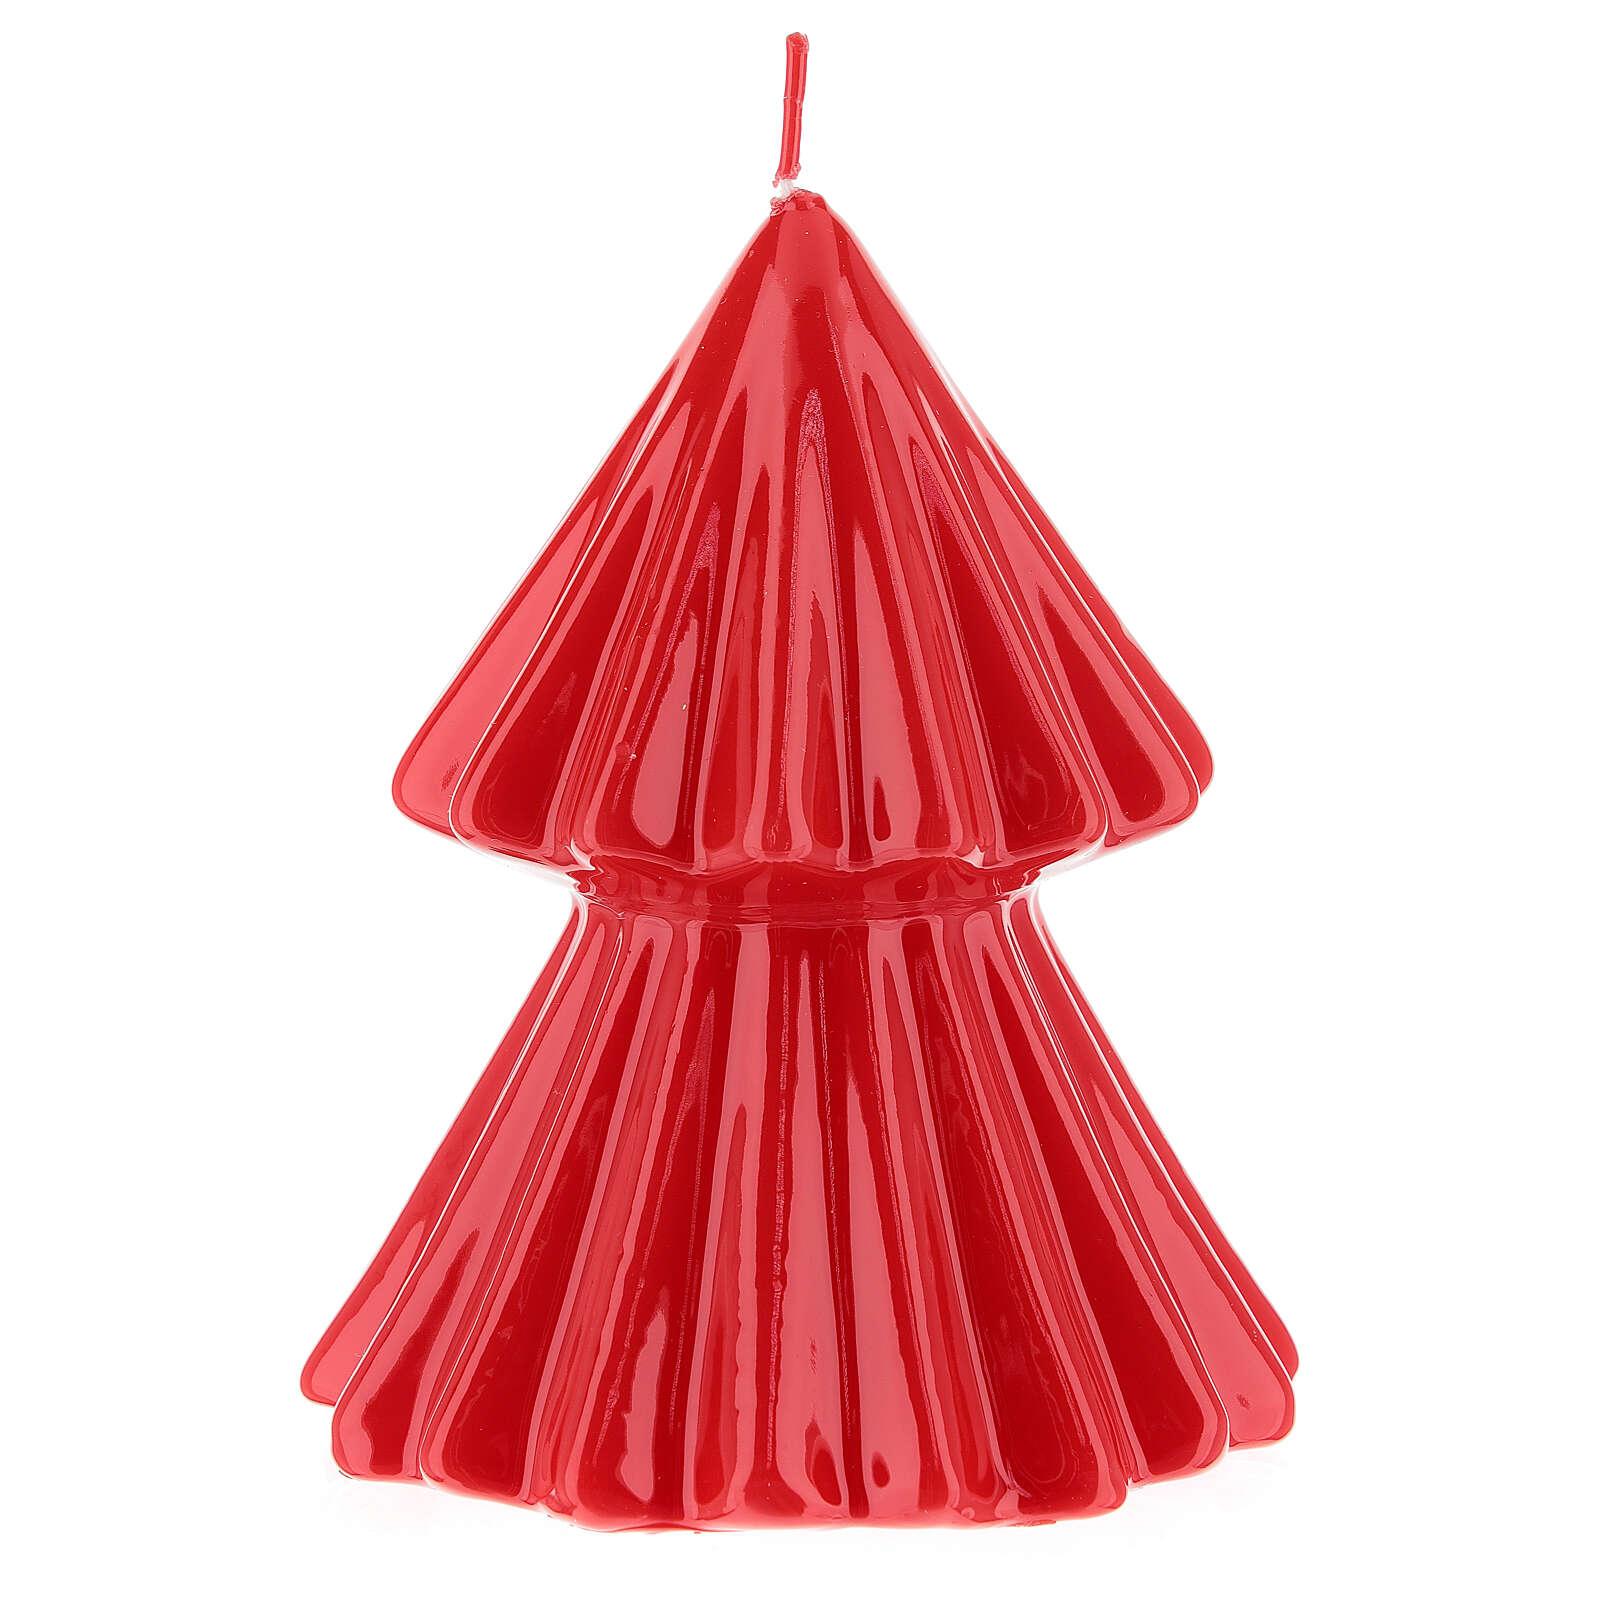 Vela de Natal árvore vermelha modelo Tokyo 12 cm 3